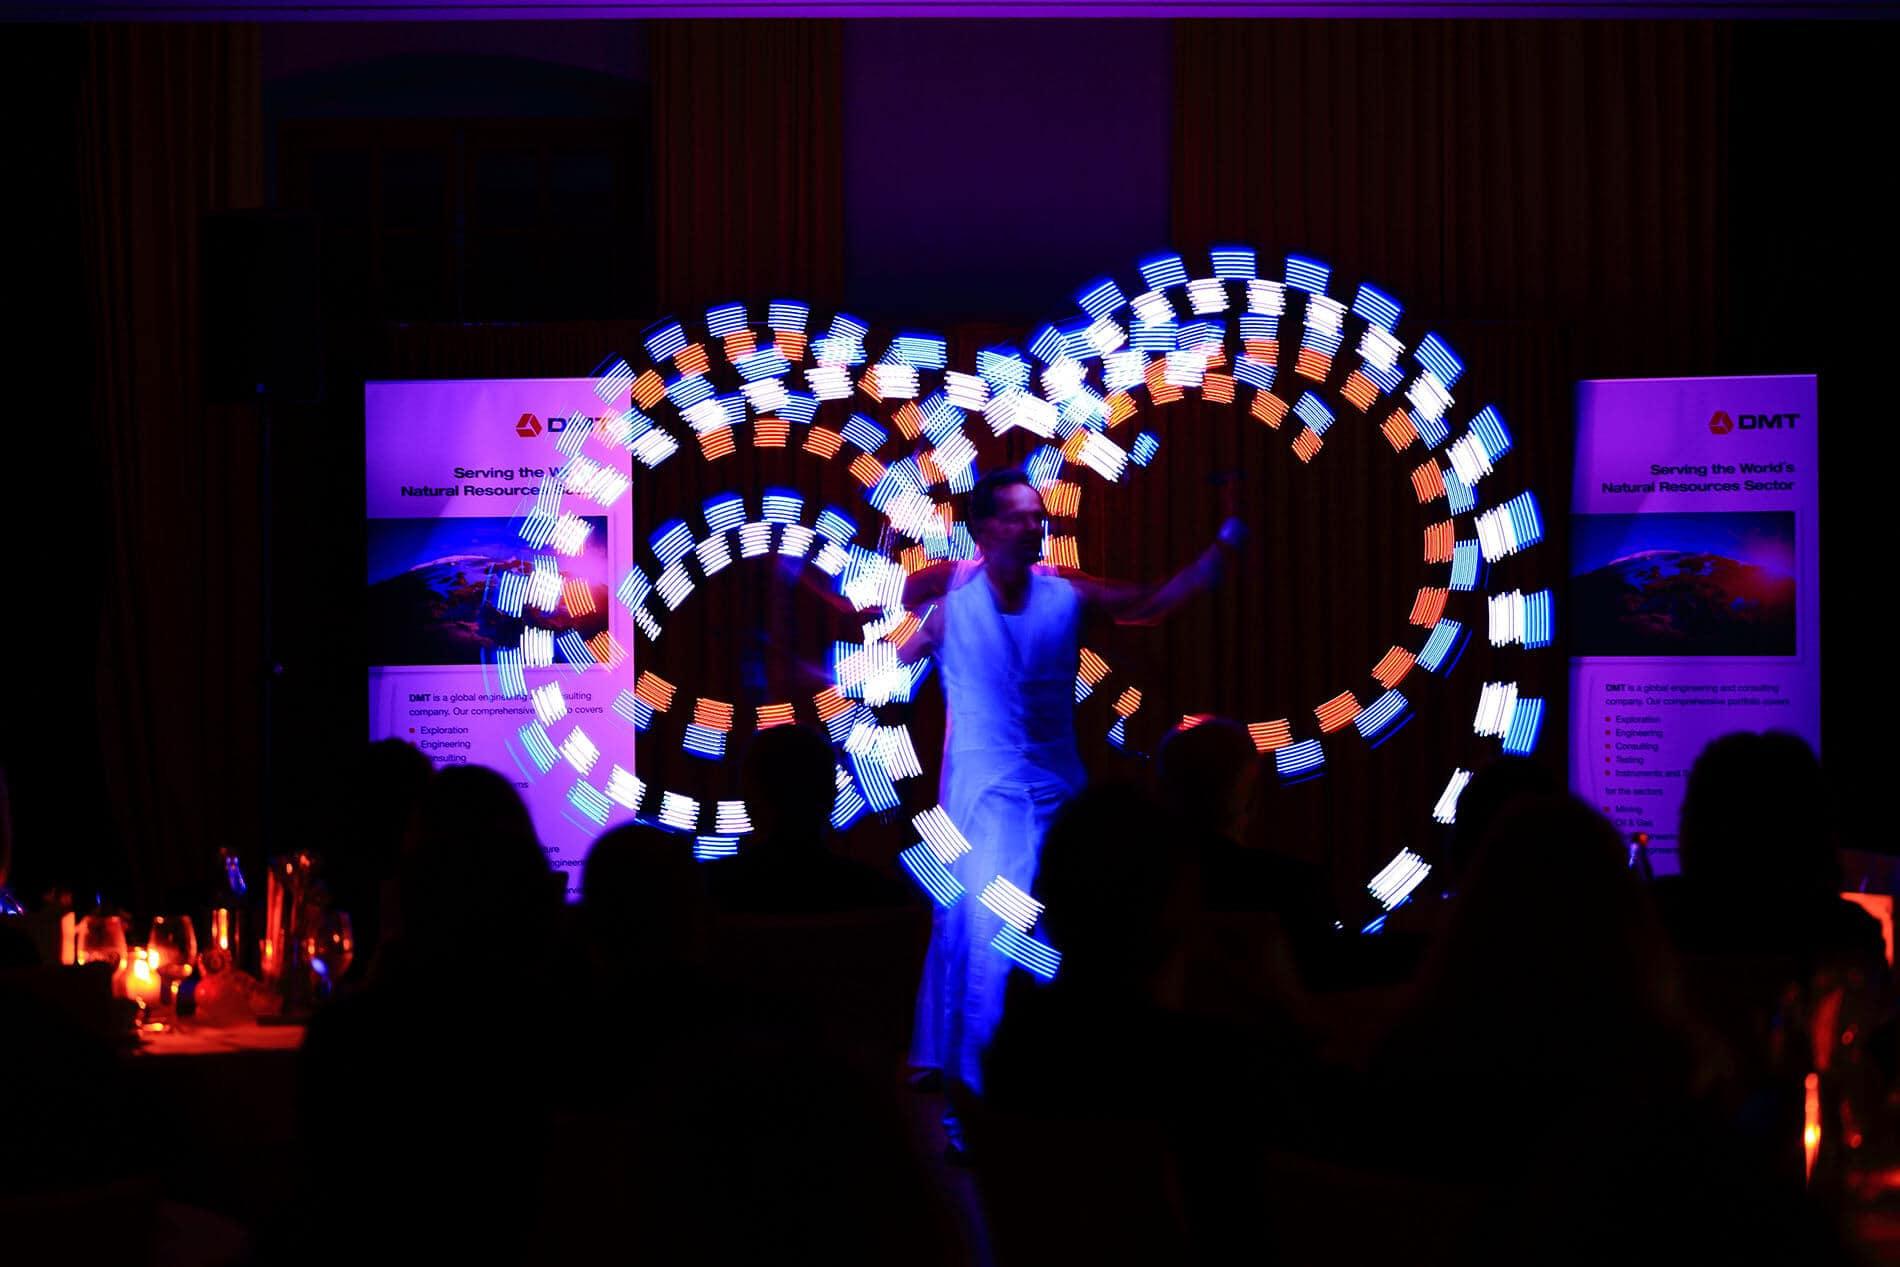 chapeau-bas-showact-glow-und-led-9